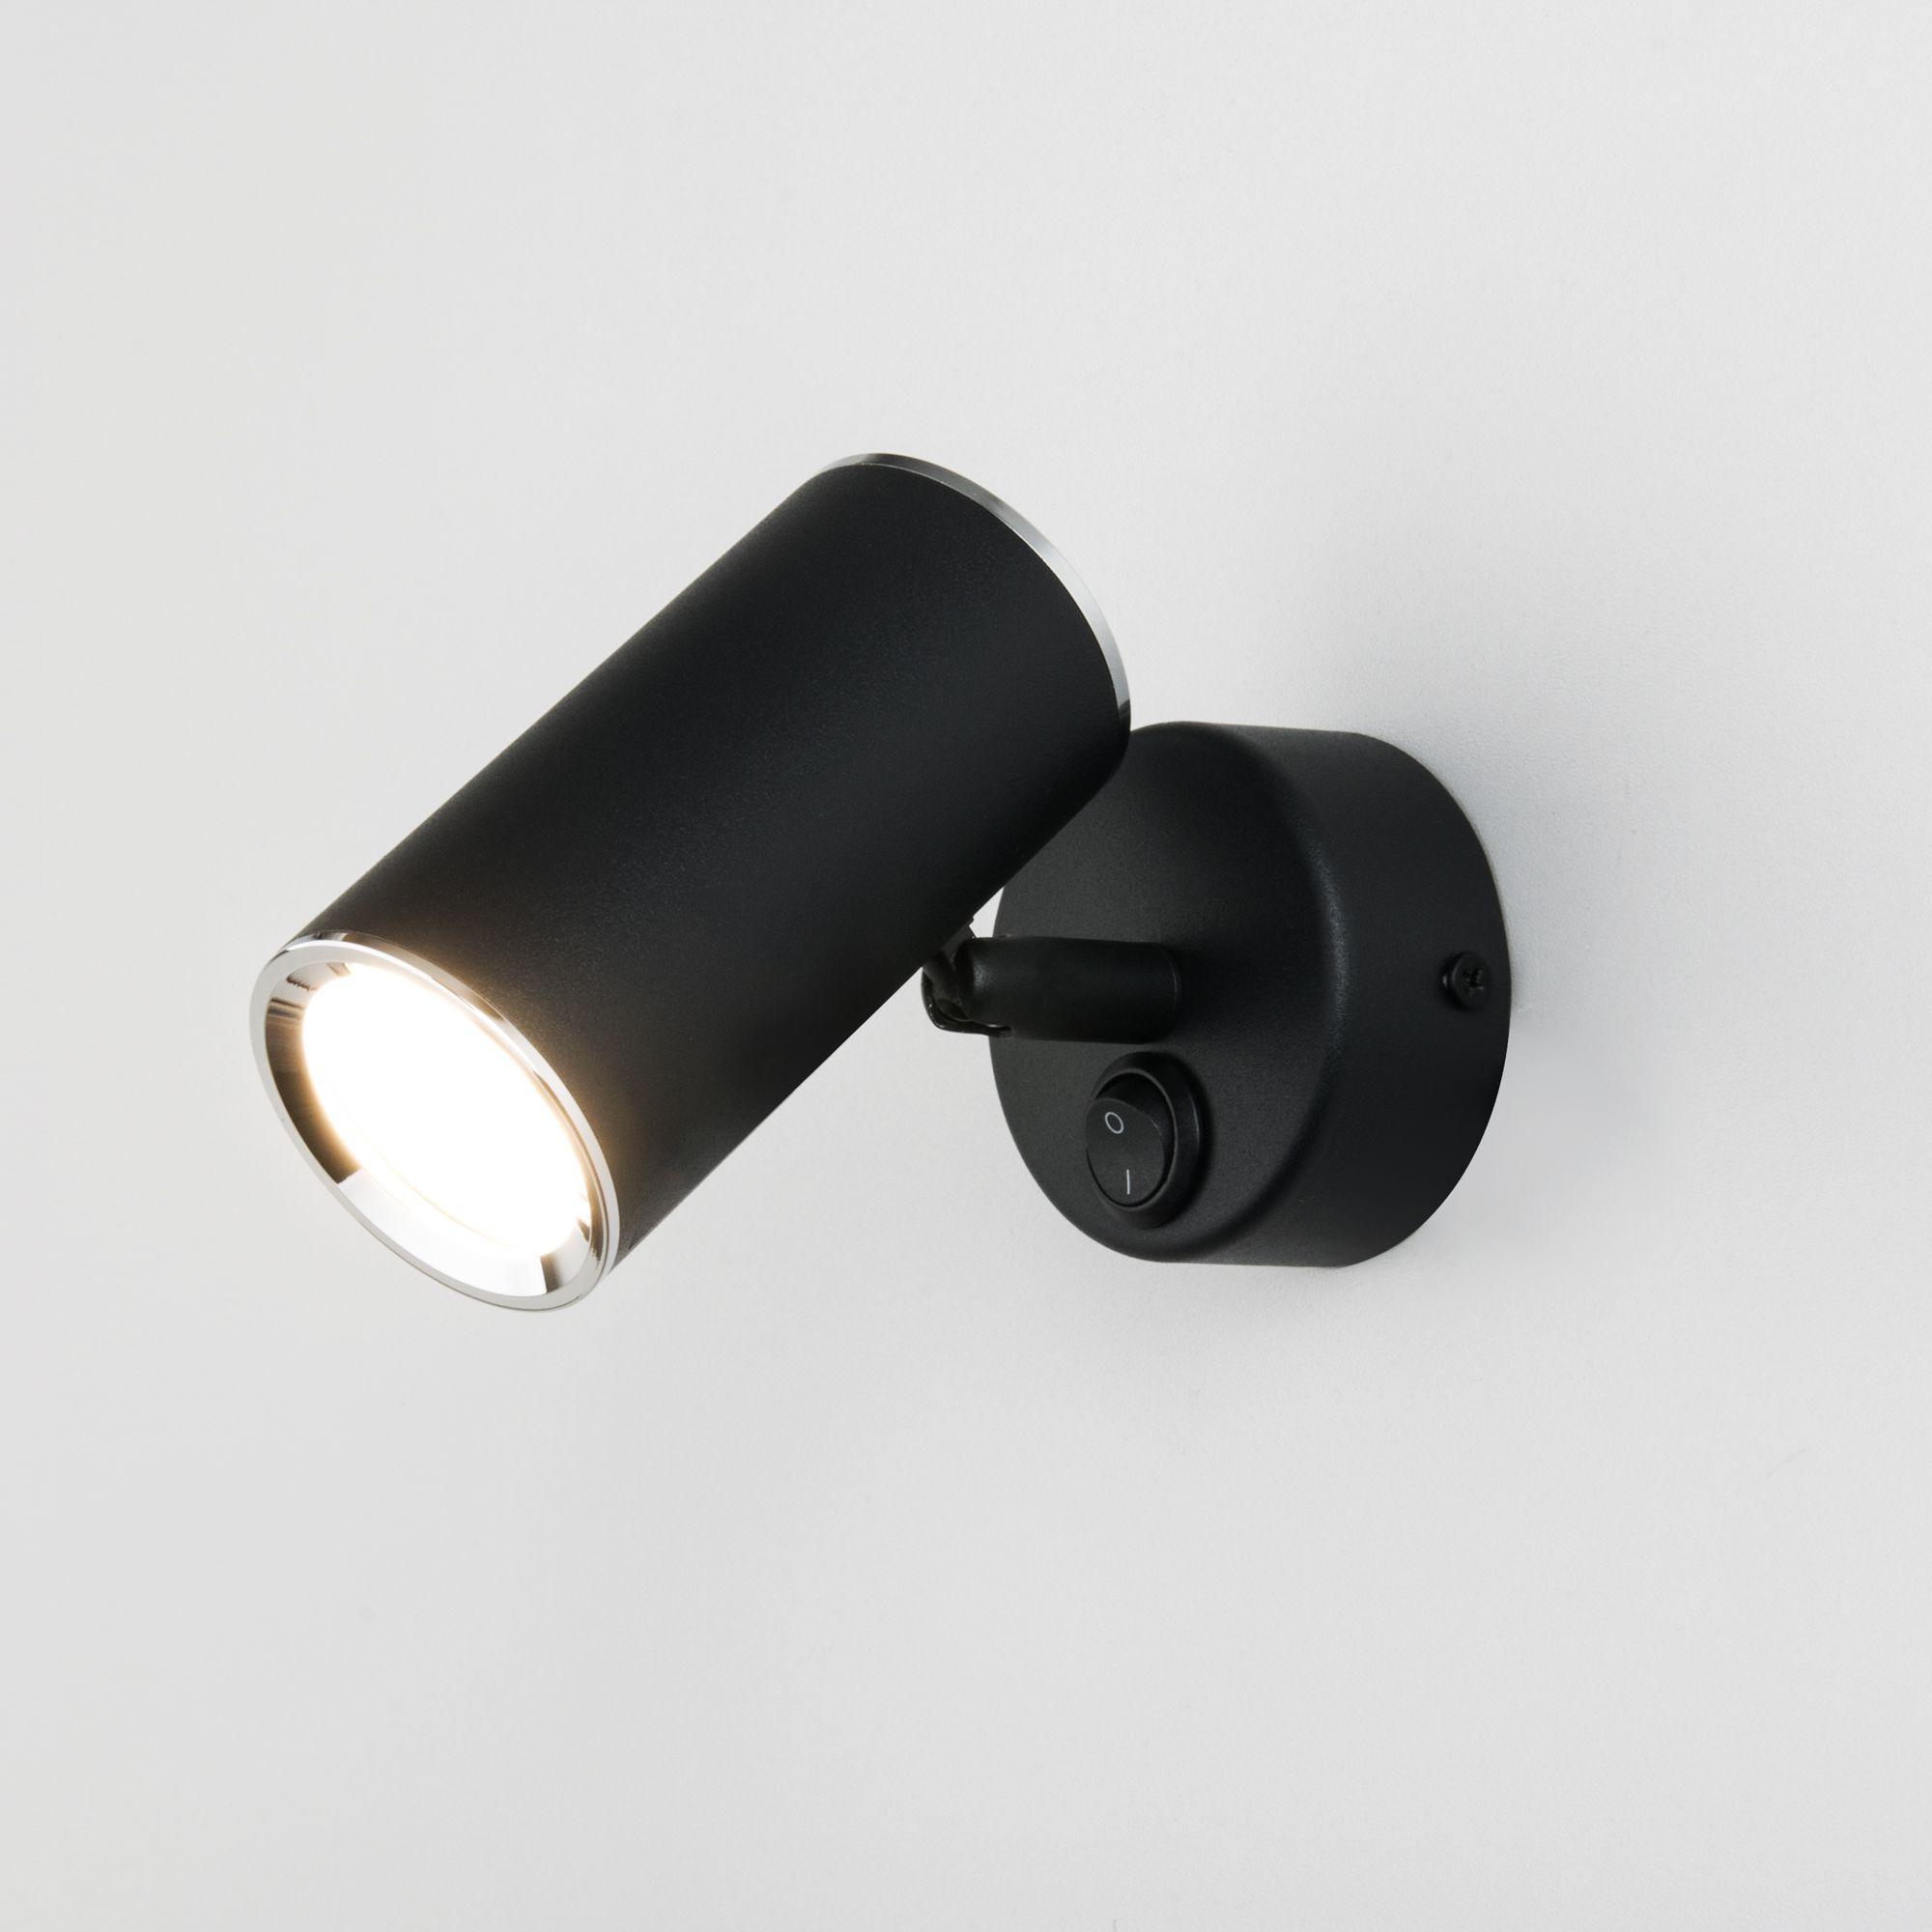 Настенный светильник Rutero GU10 SW MRL 1003 черный